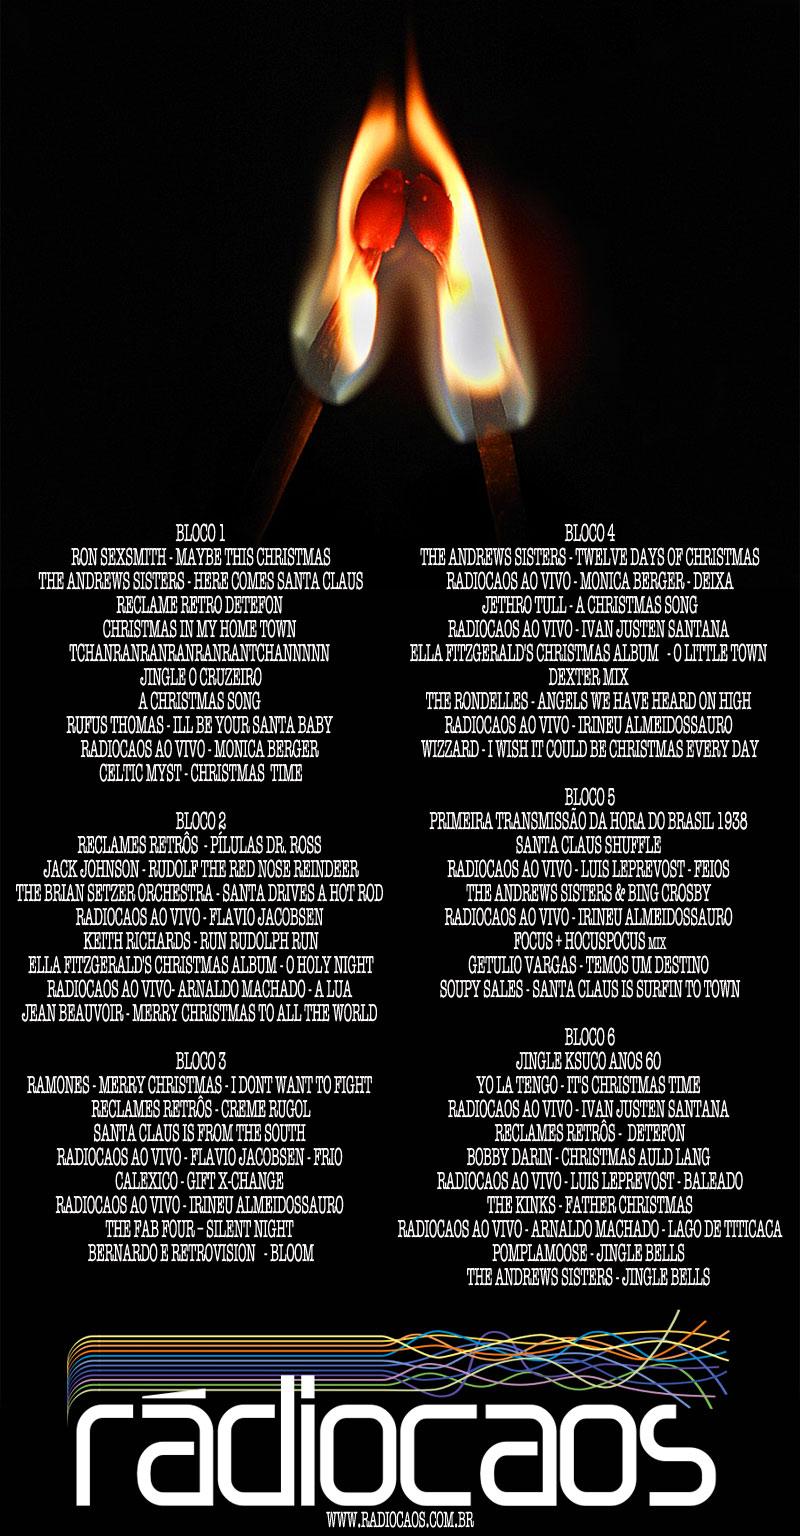 mailcaos-24-12-2010